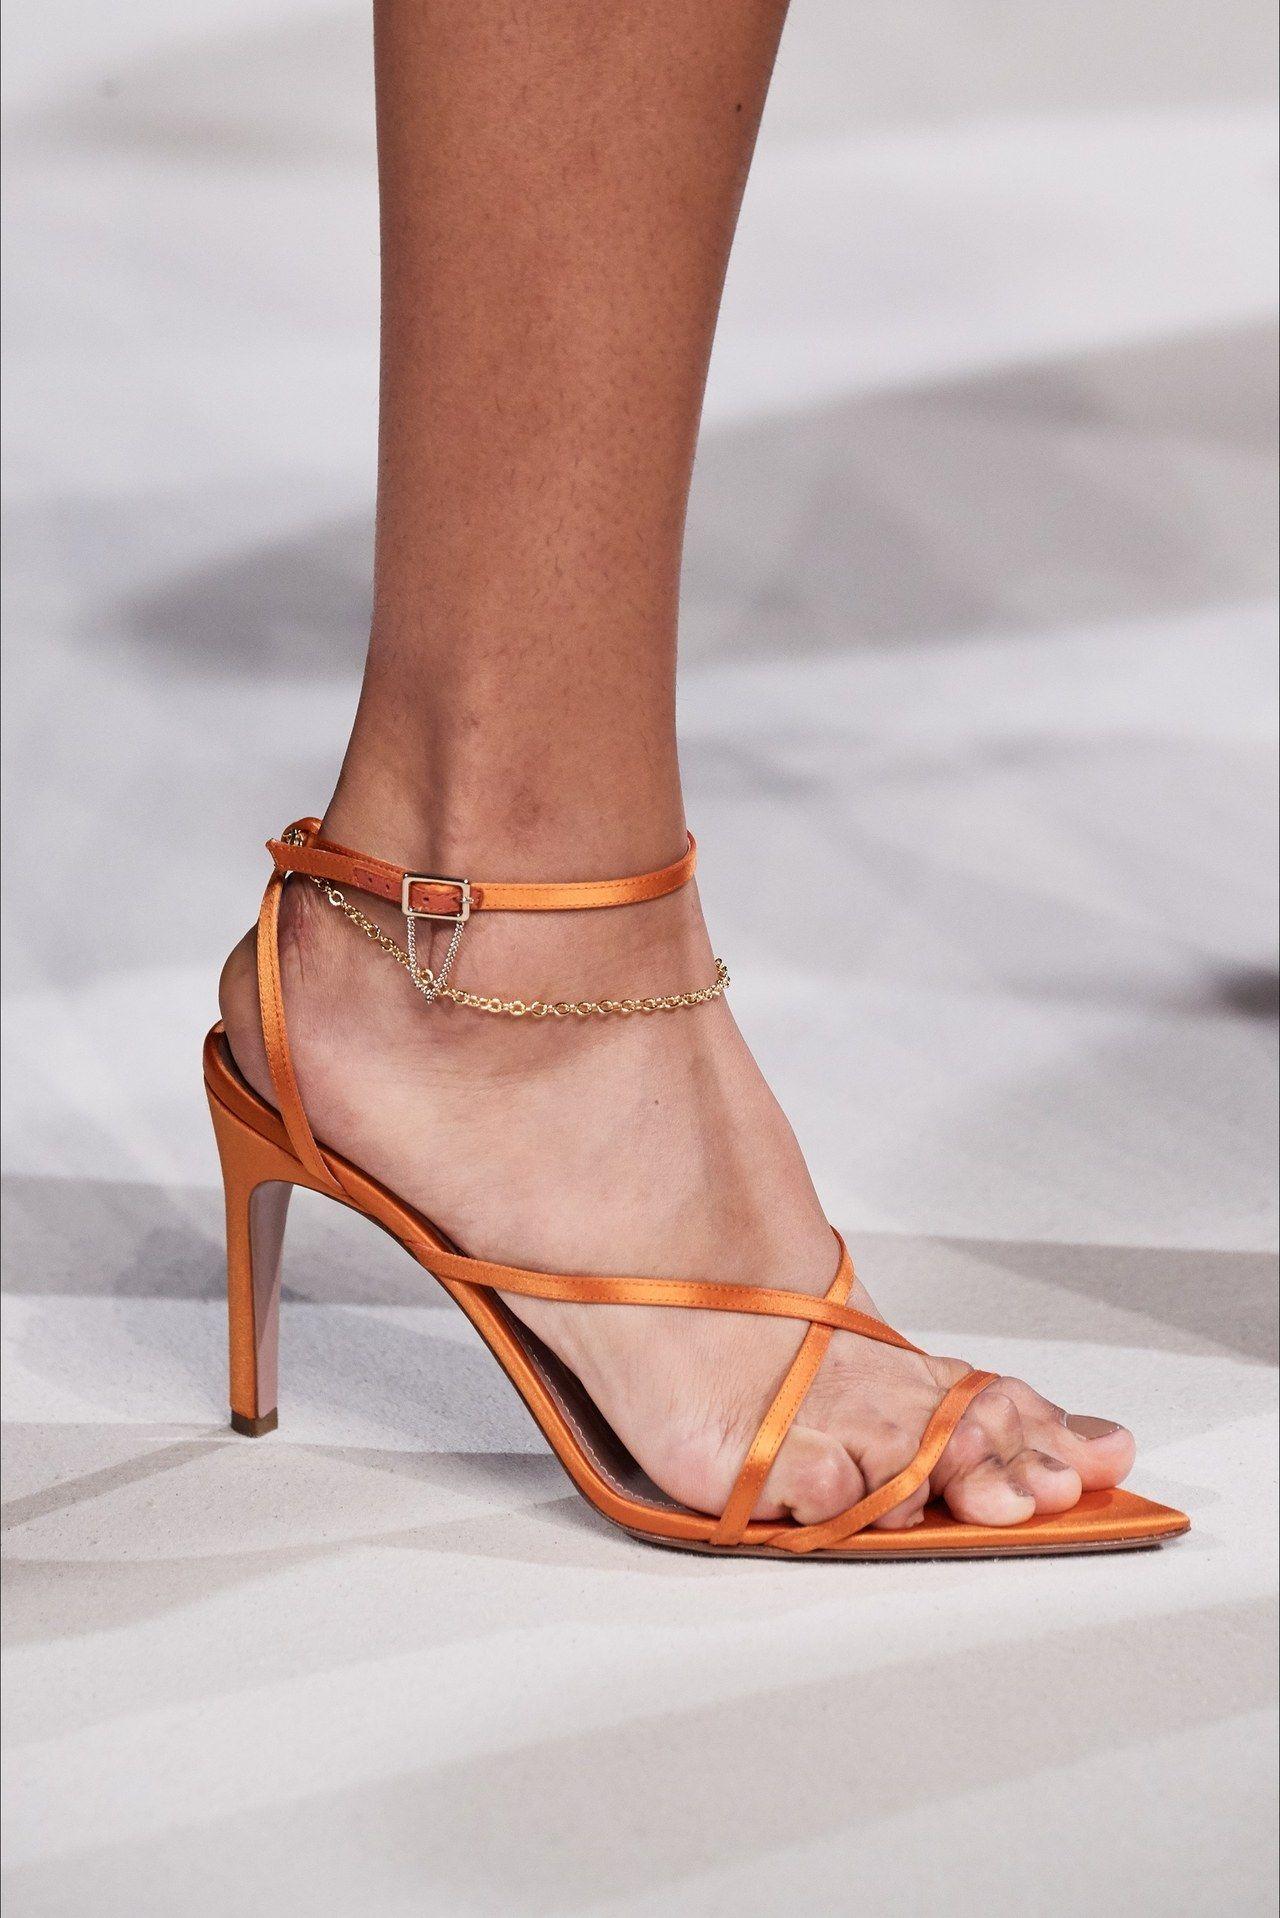 22+ Moda sandali estate 2020 trends